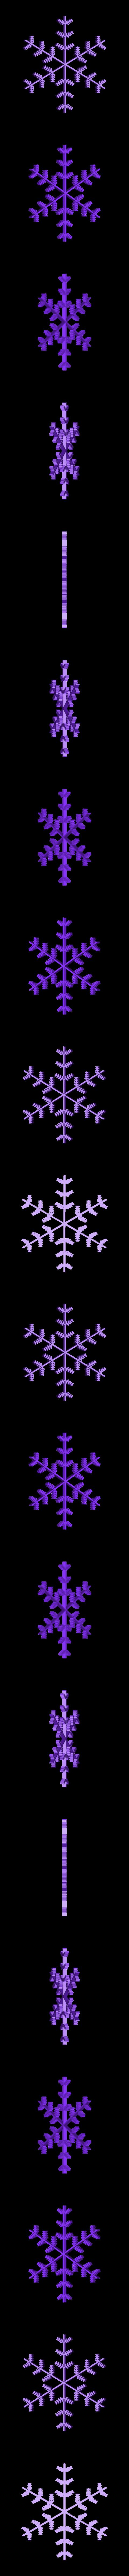 snowflake14.stl Télécharger fichier STL gratuit Flocon de neige fractal aléatoire dans les blocsCAD • Modèle pour imprimante 3D, arpruss